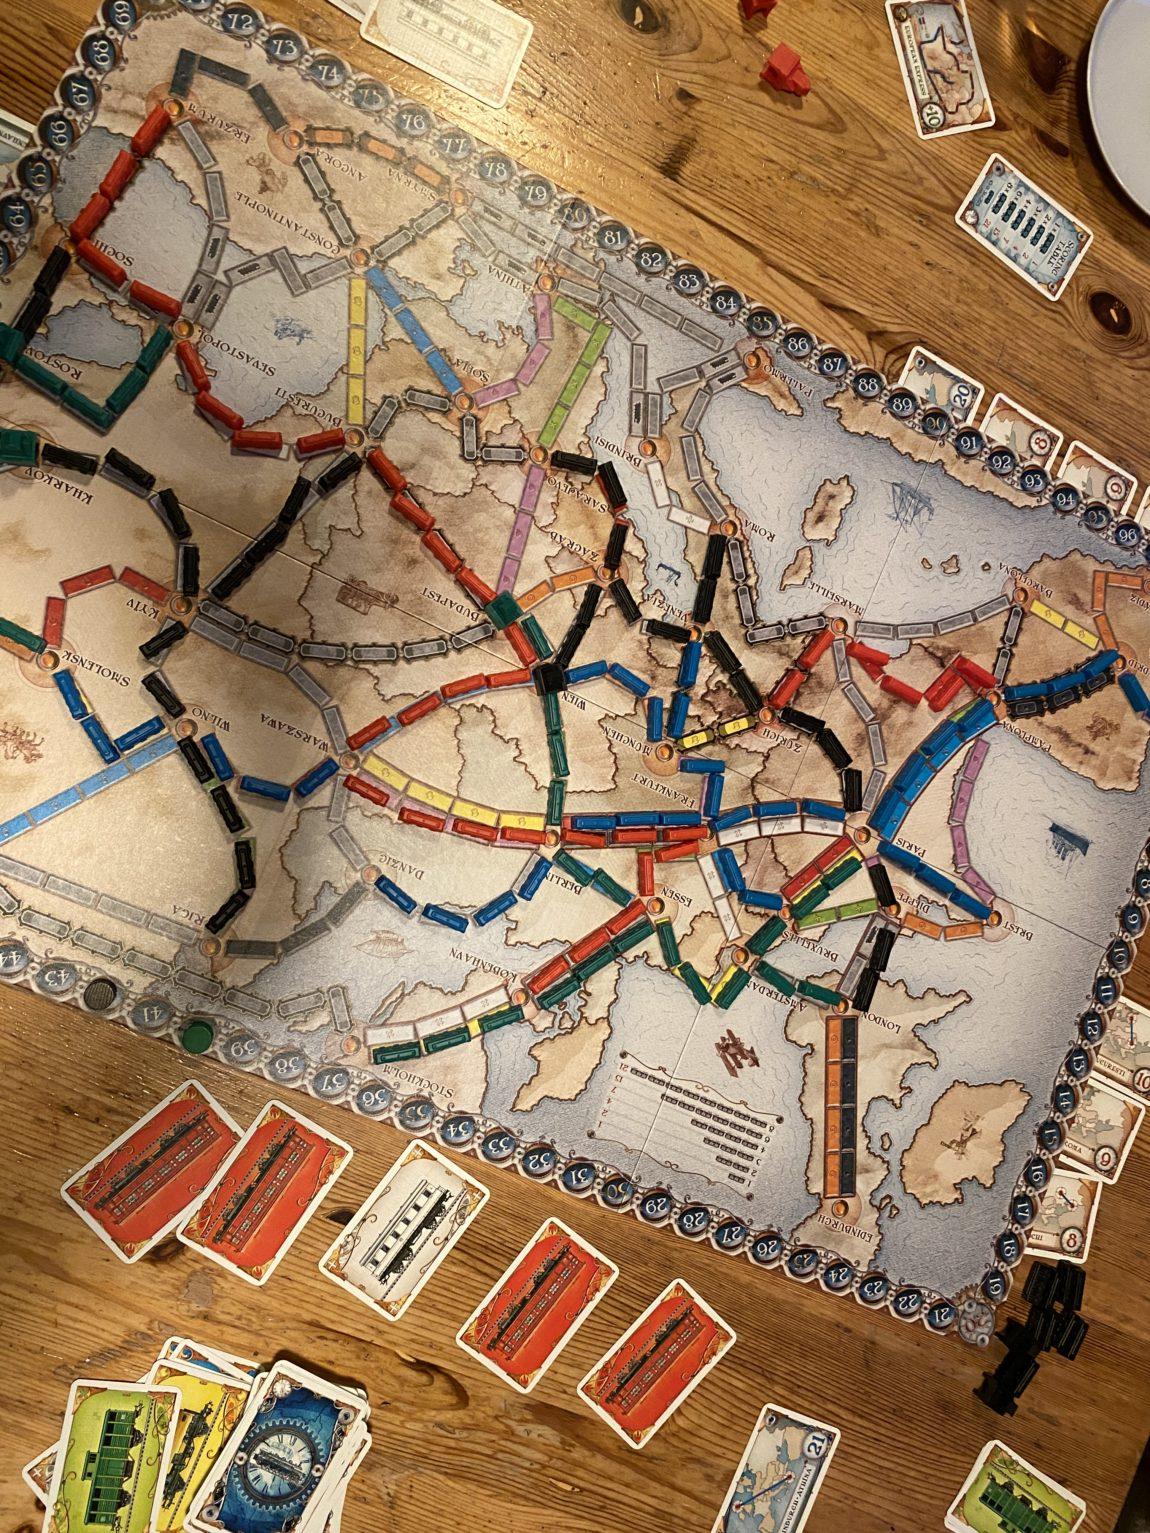 Zug um Zug Spiel am Wochenende in Bildern_grossekoepfe.de